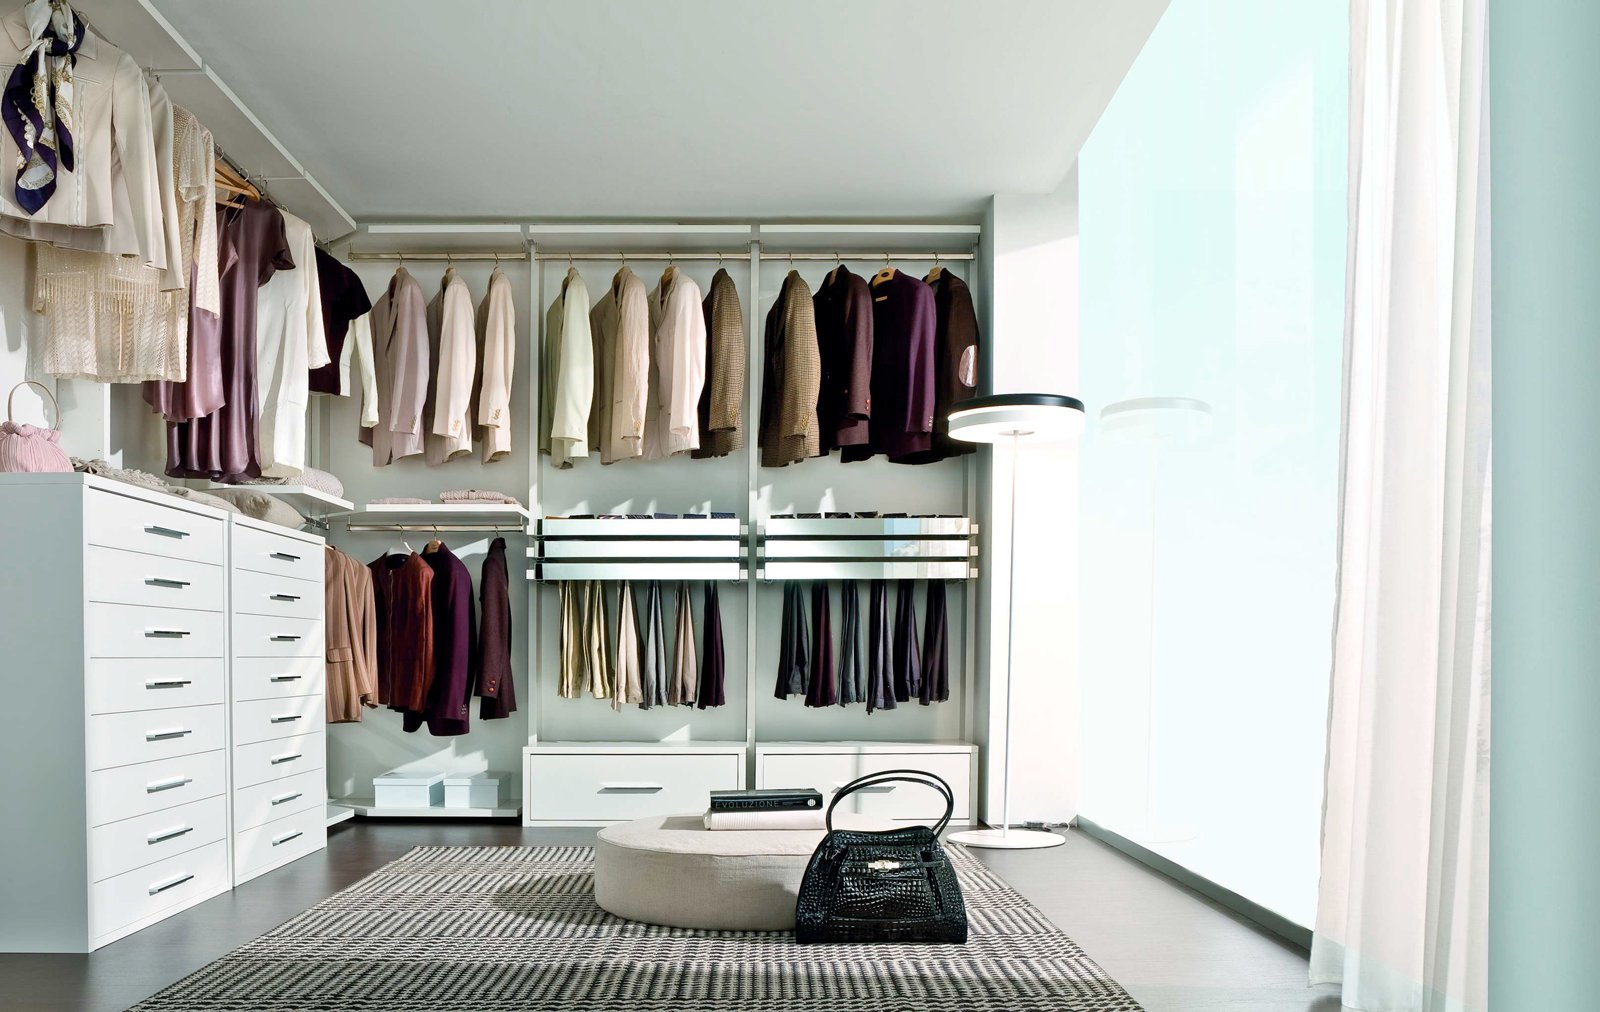 Cabine armadio soluzione trendy cose di casa - Cabine armadio in legno ...